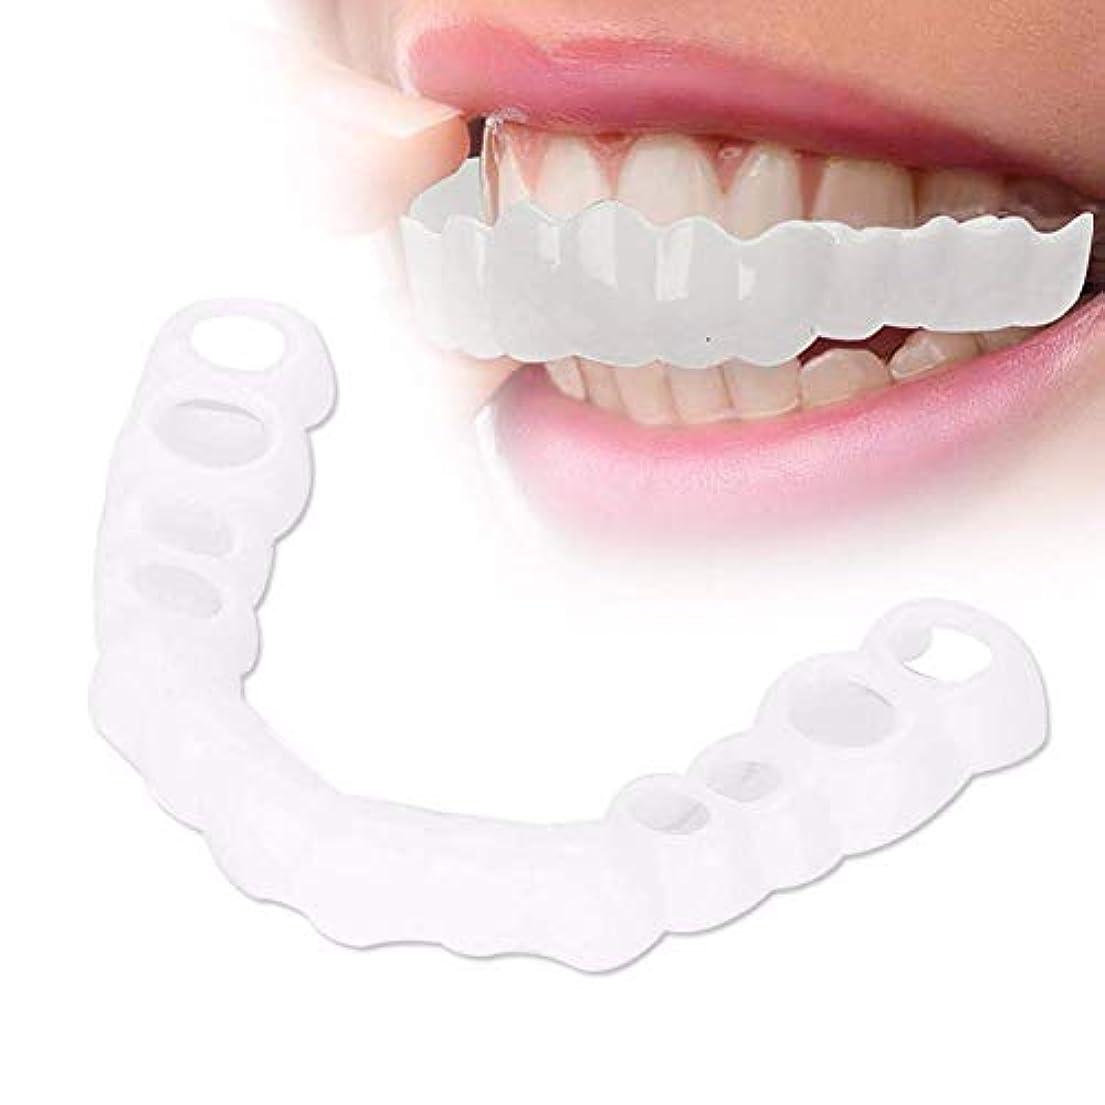 ハリウッド体四回パーフェクトスマイル入れ歯の10セット、シリコーンシミュレーション、上の歯、ホワイトニング入れ歯